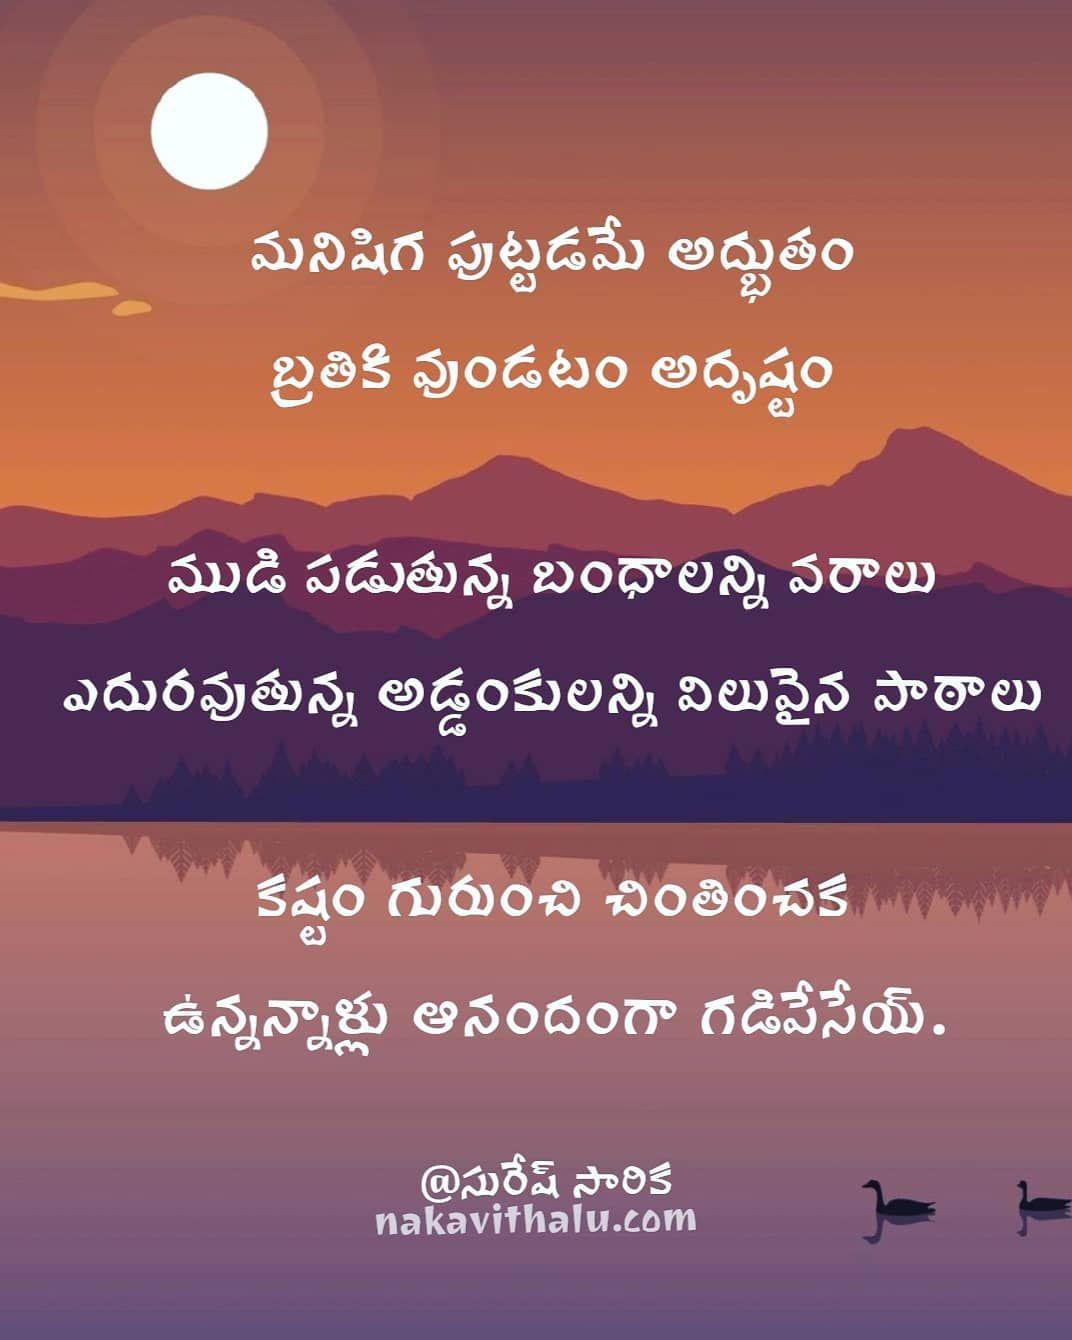 Inspiring Telugu Quotes Failure Quotes Love Failure Quotes Mother Quotes